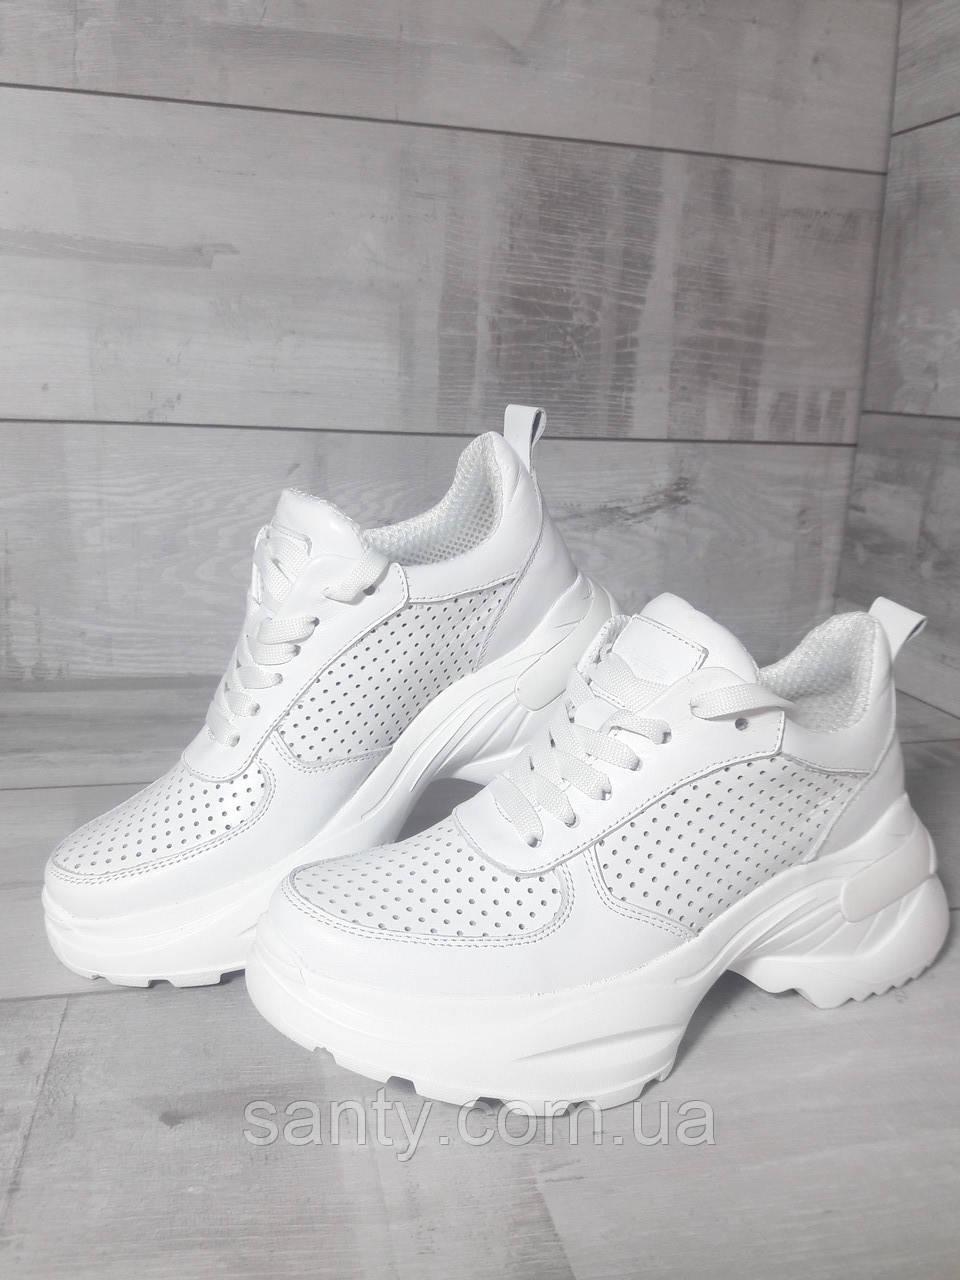 Белые массивные кроссовки из натуральной кожи. Білі масивні шкіряні кросівки.